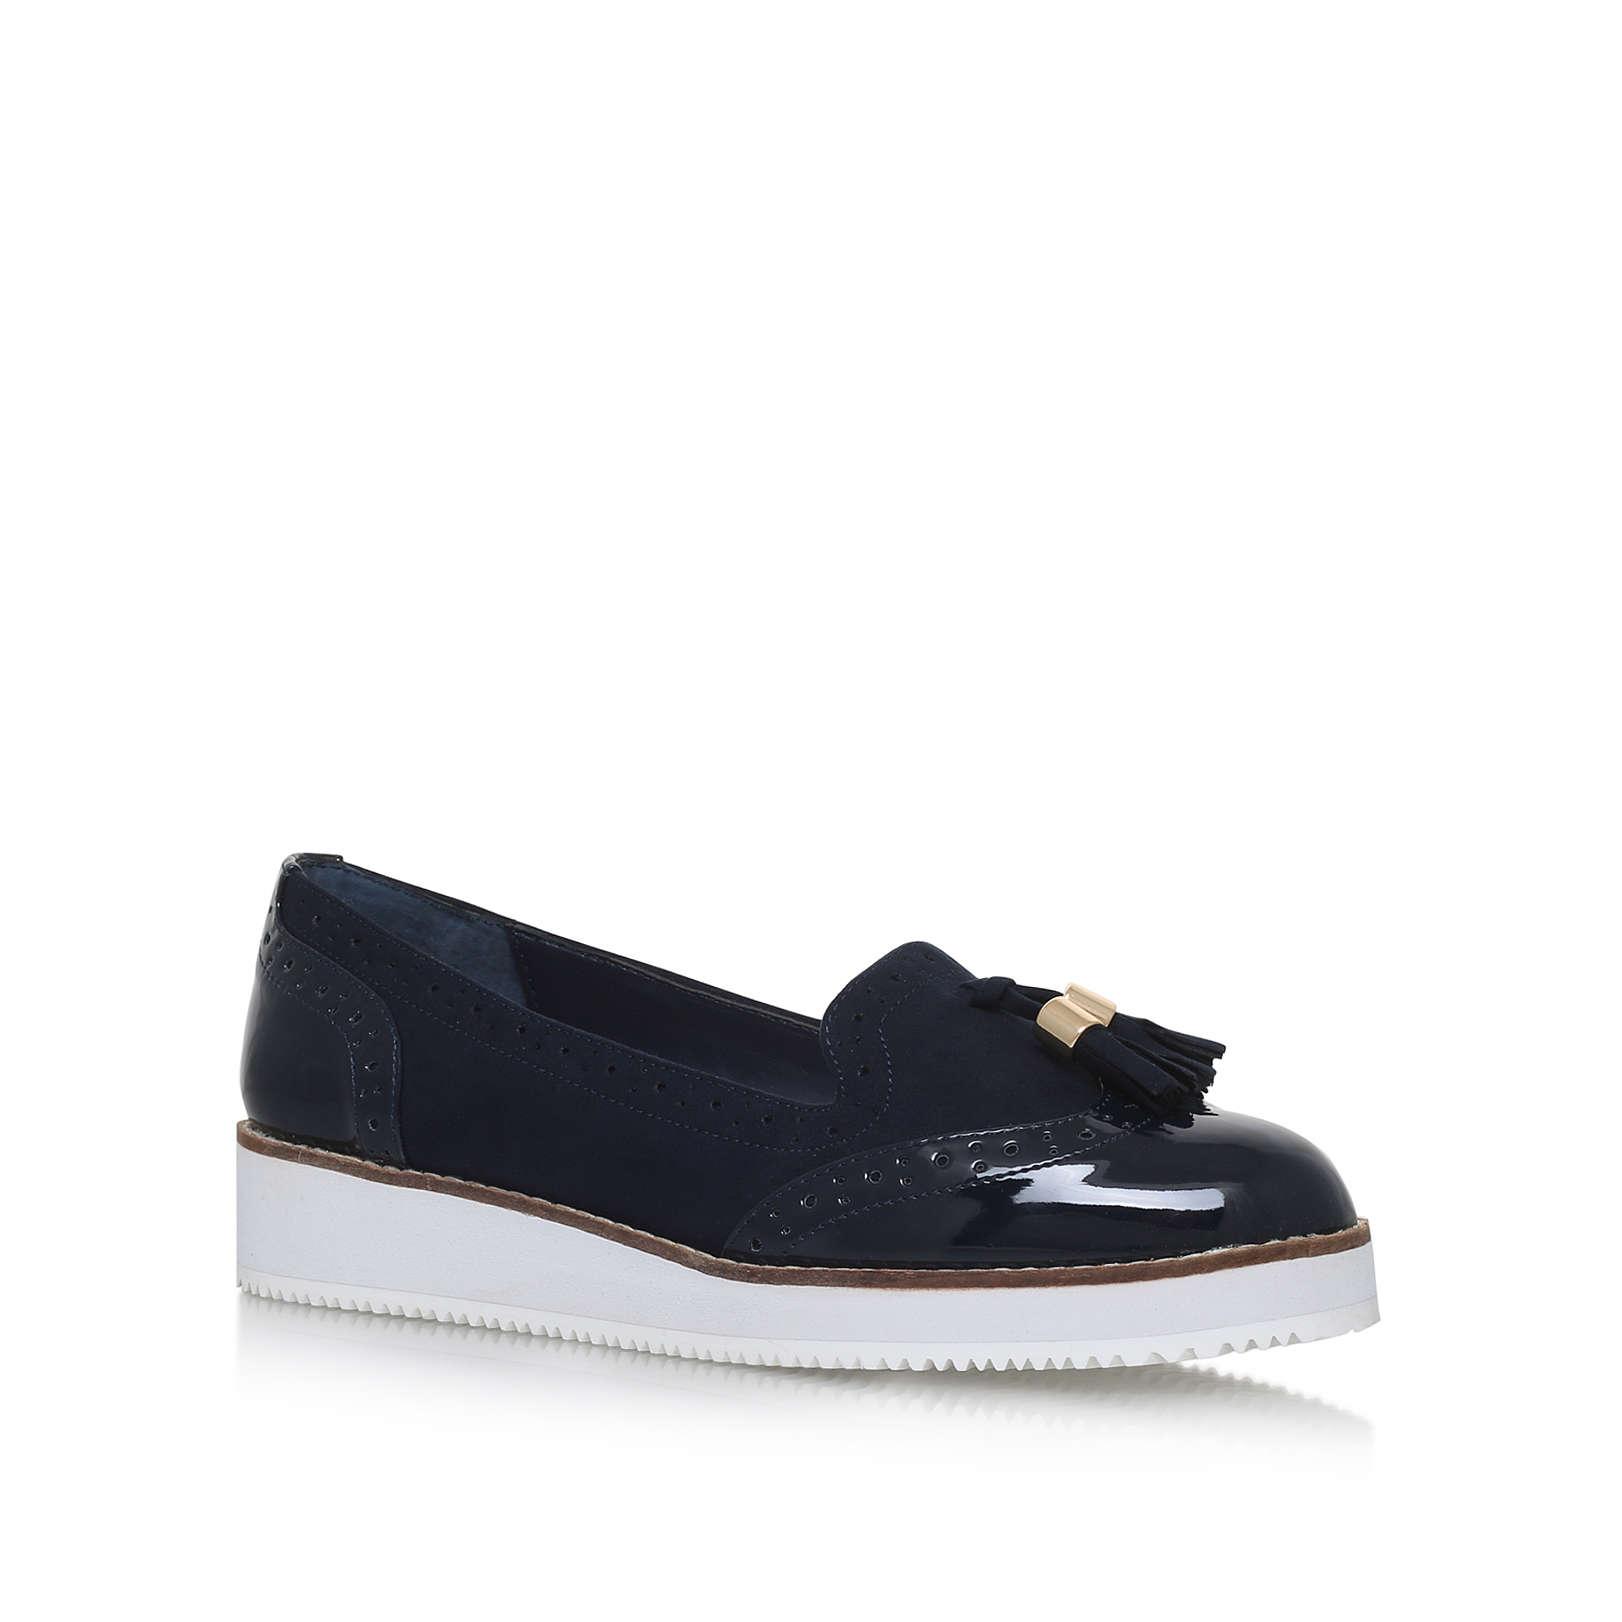 e8c6a96ede1e MITCH Carvela Mitch Navy Low Heel Loafers Flatform by CARVELA